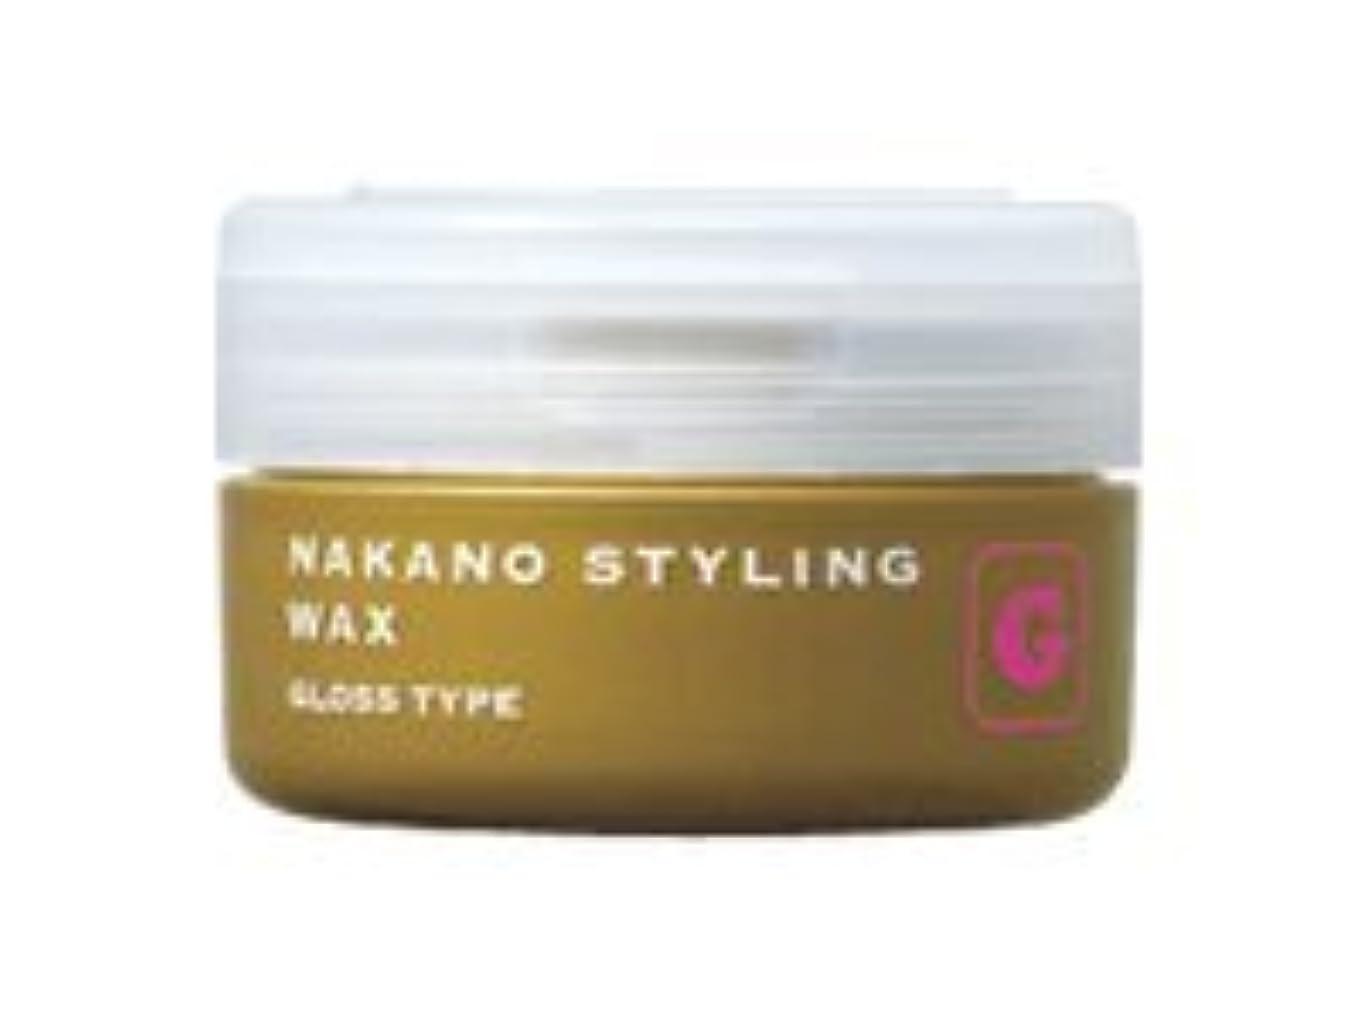 仮定、想定。推測提案するにじみ出るナカノ スタイリングワックス G グロスタイプ 90g 中野製薬 NAKANO